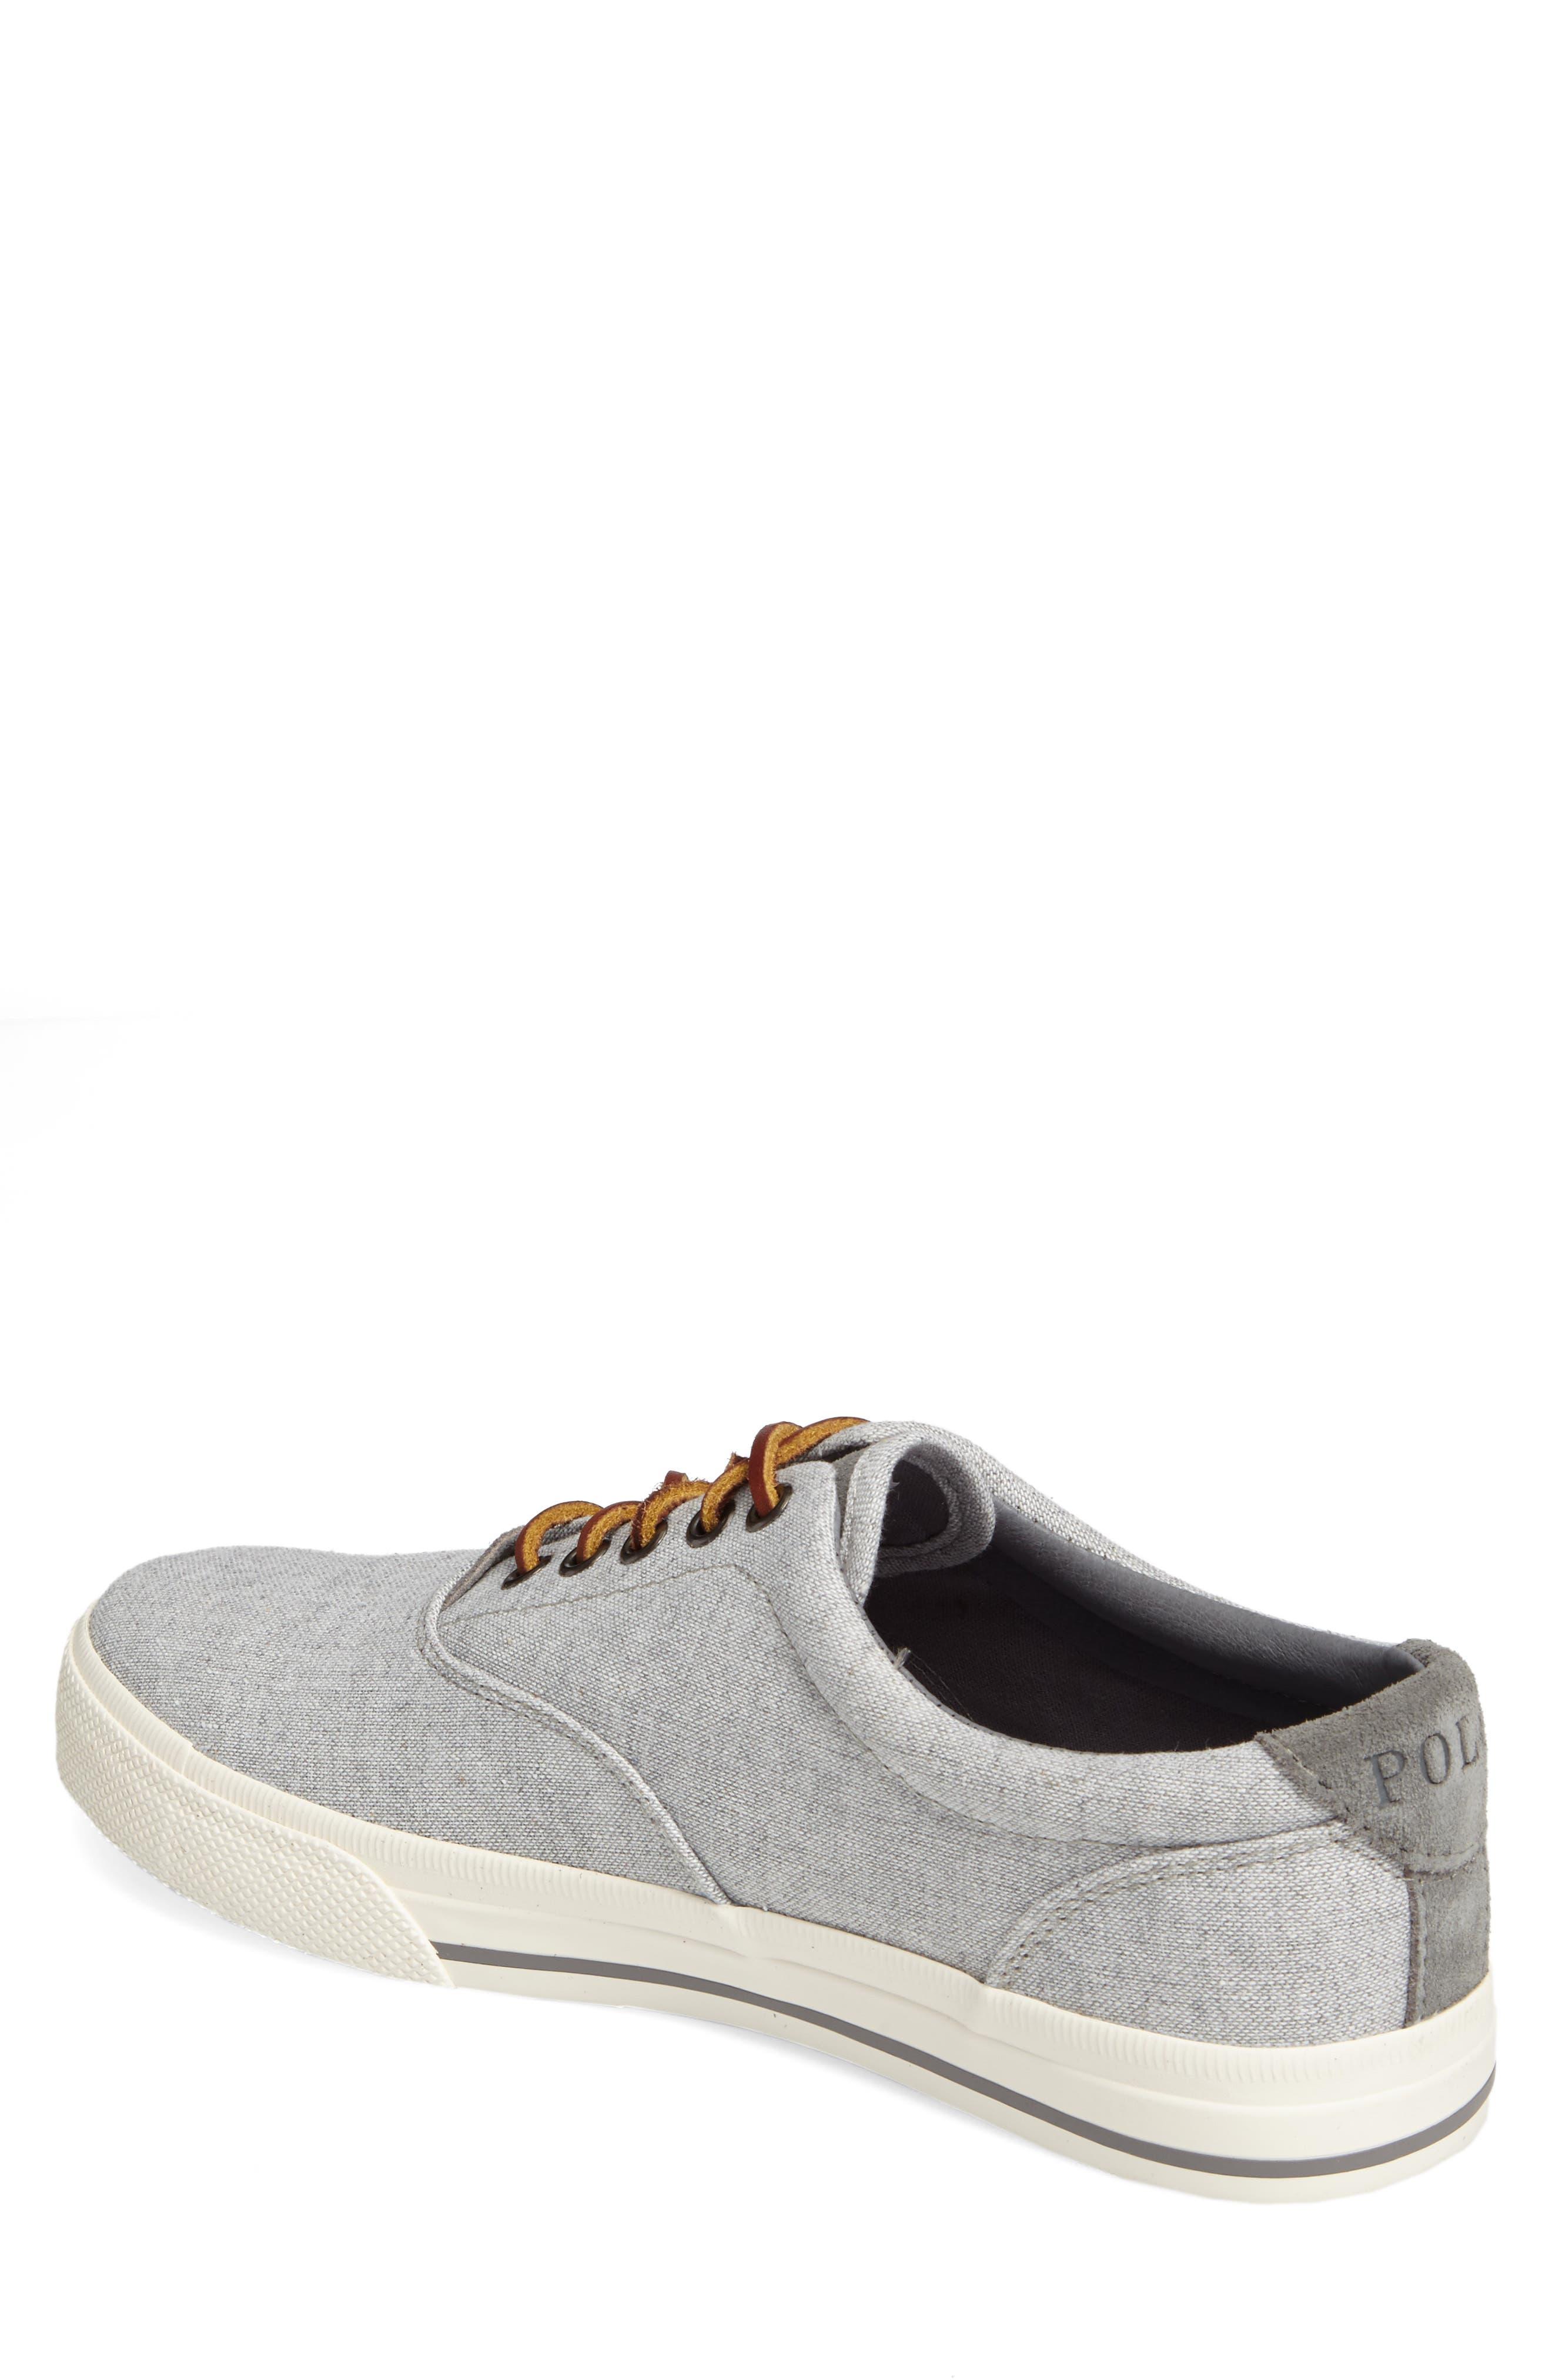 Vaughn Sneaker,                             Alternate thumbnail 9, color,